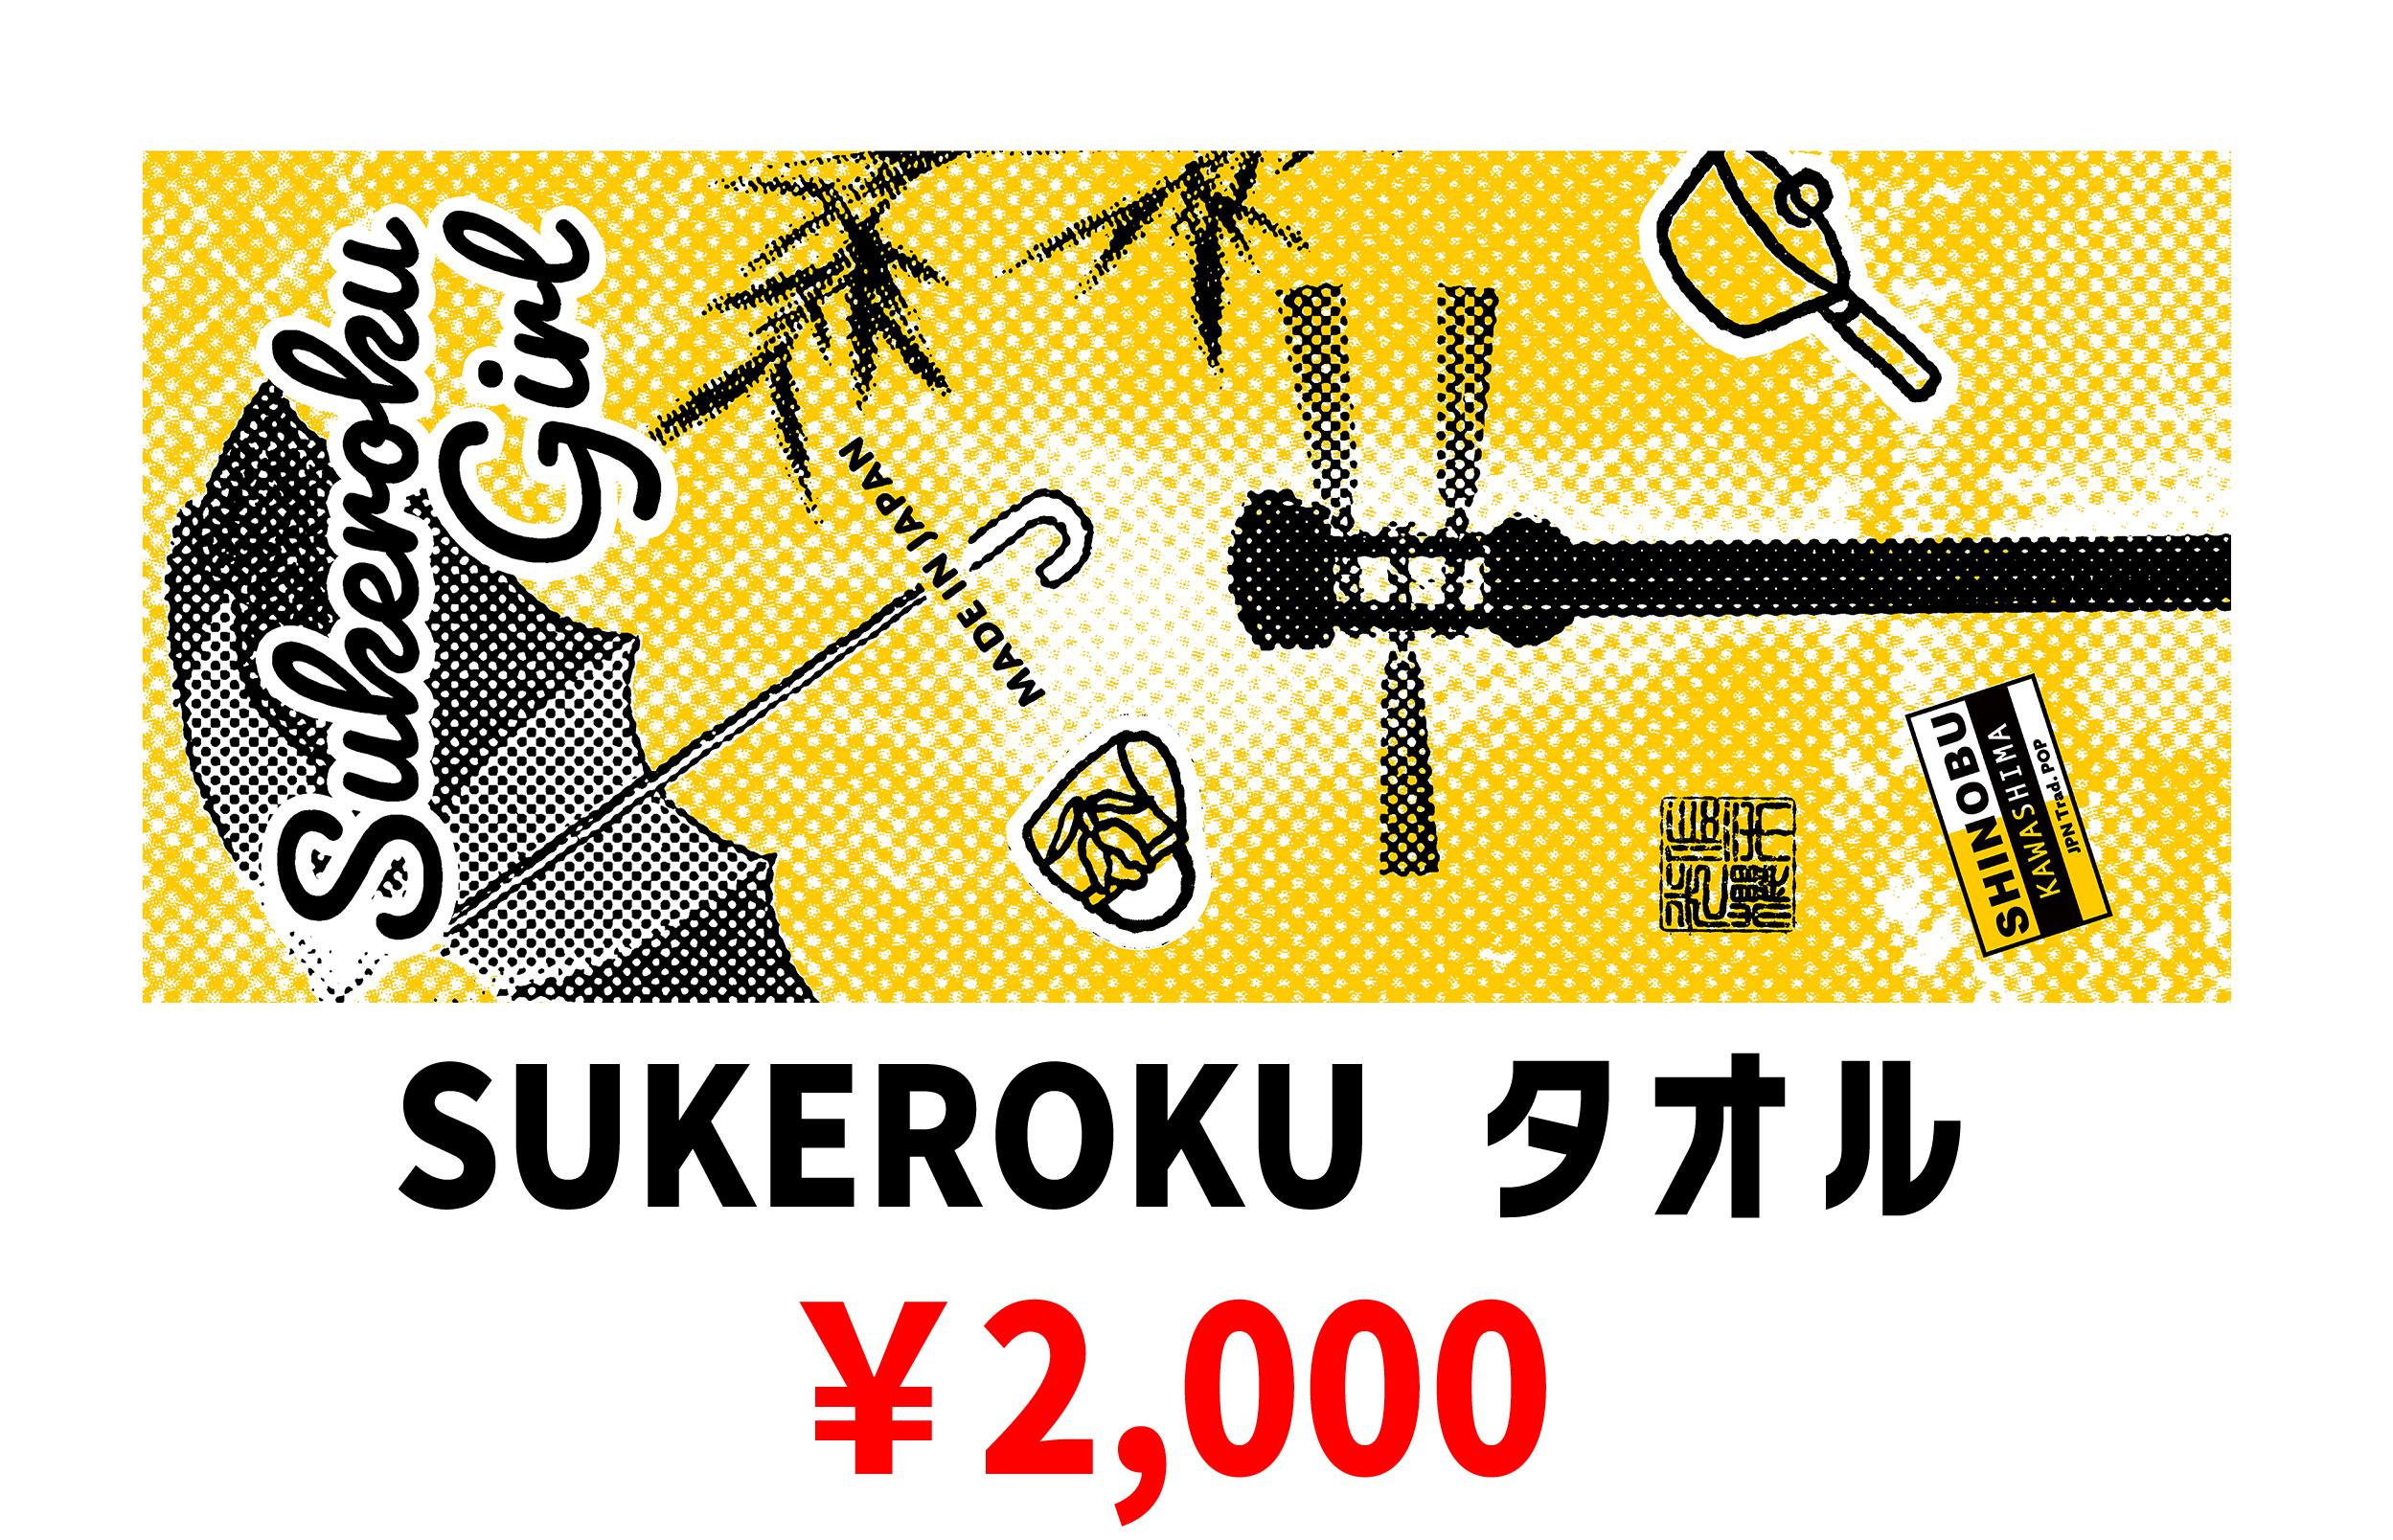 SUKEROKUタオル